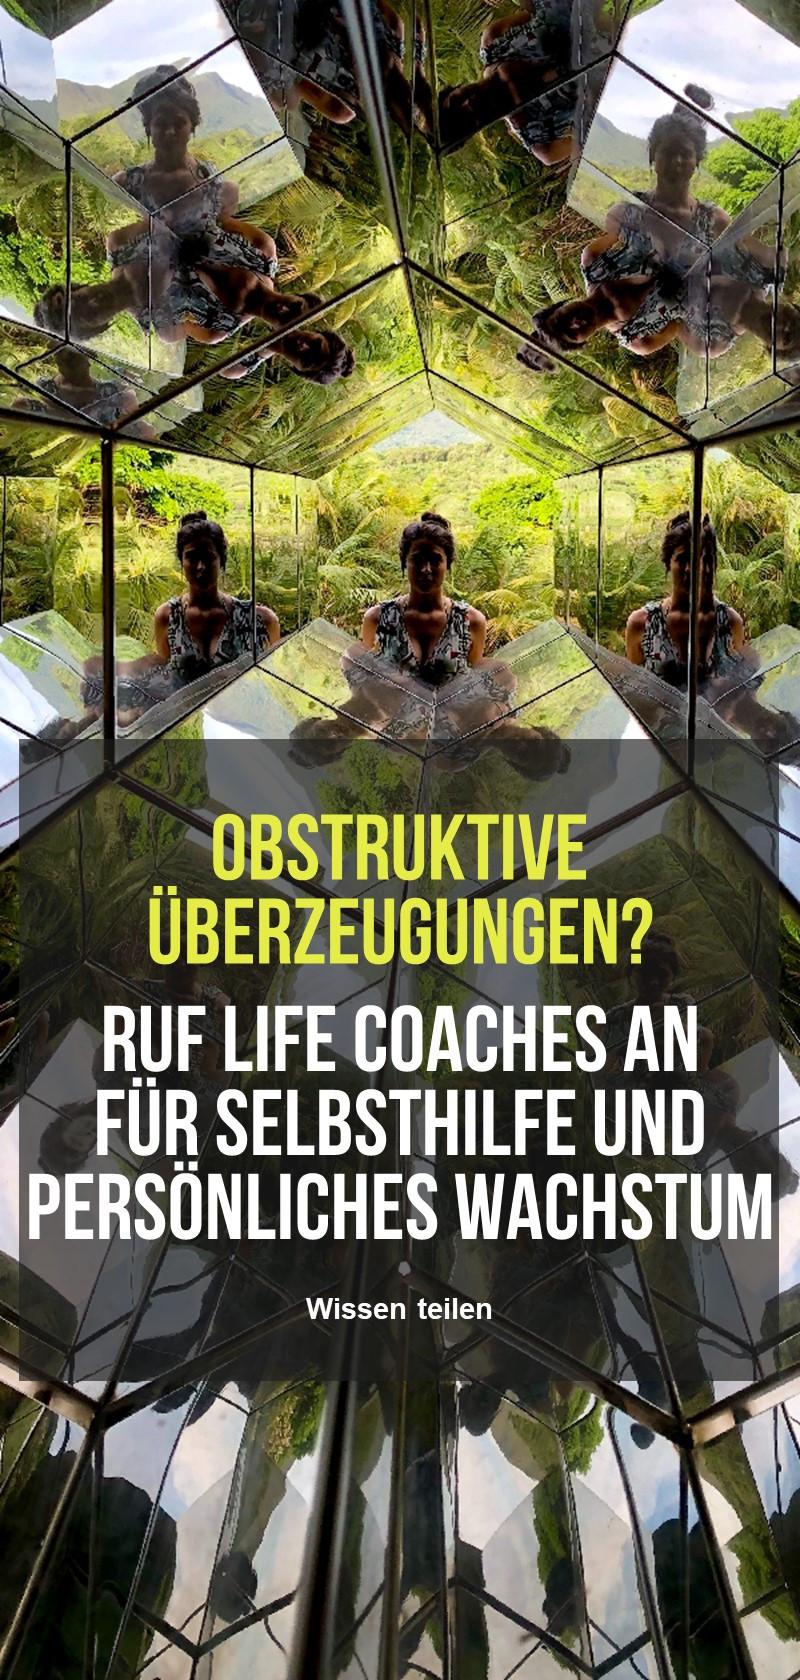 Life Coach für Selbsthilfe und persönliches Wachstum